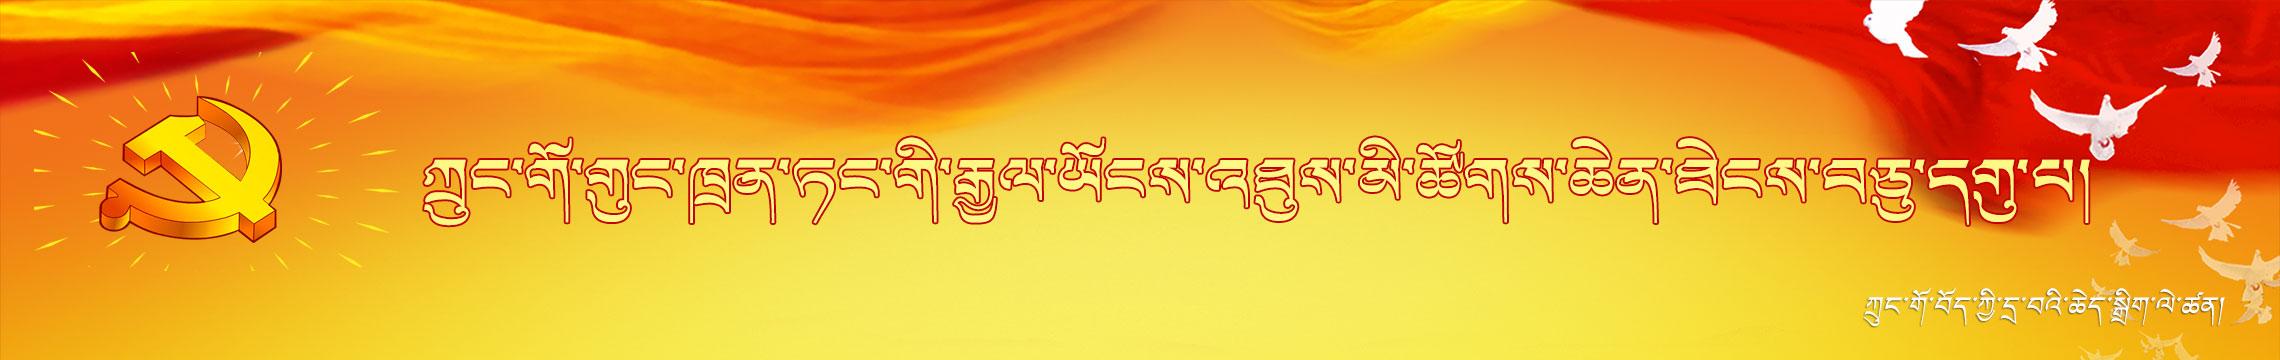 将改革进行到底-中国藏族网通藏文专题